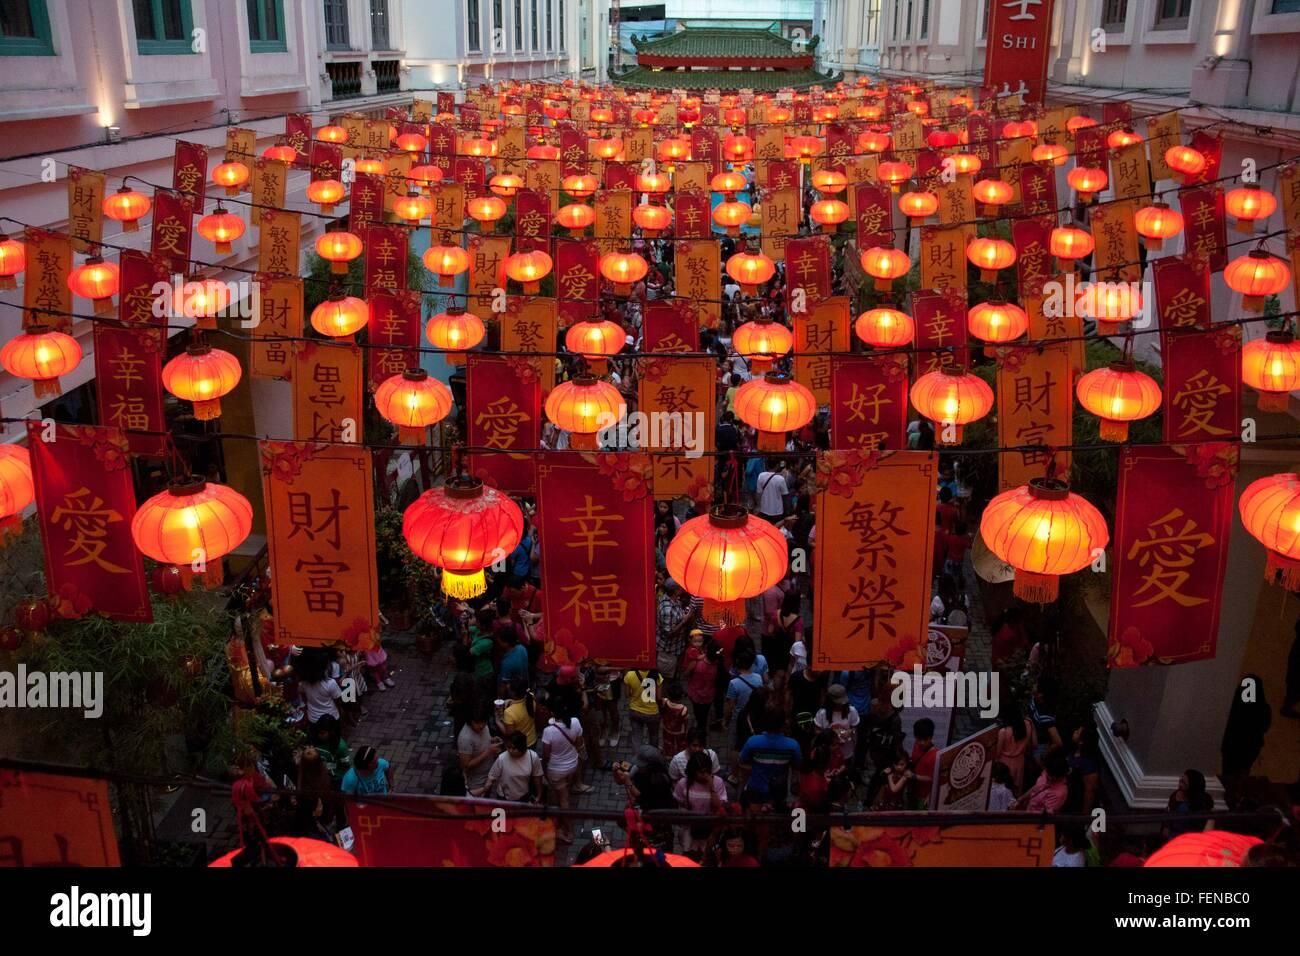 Philippinen. 8. Februar 2016. Chinesische Lanters Leuchten wie ...